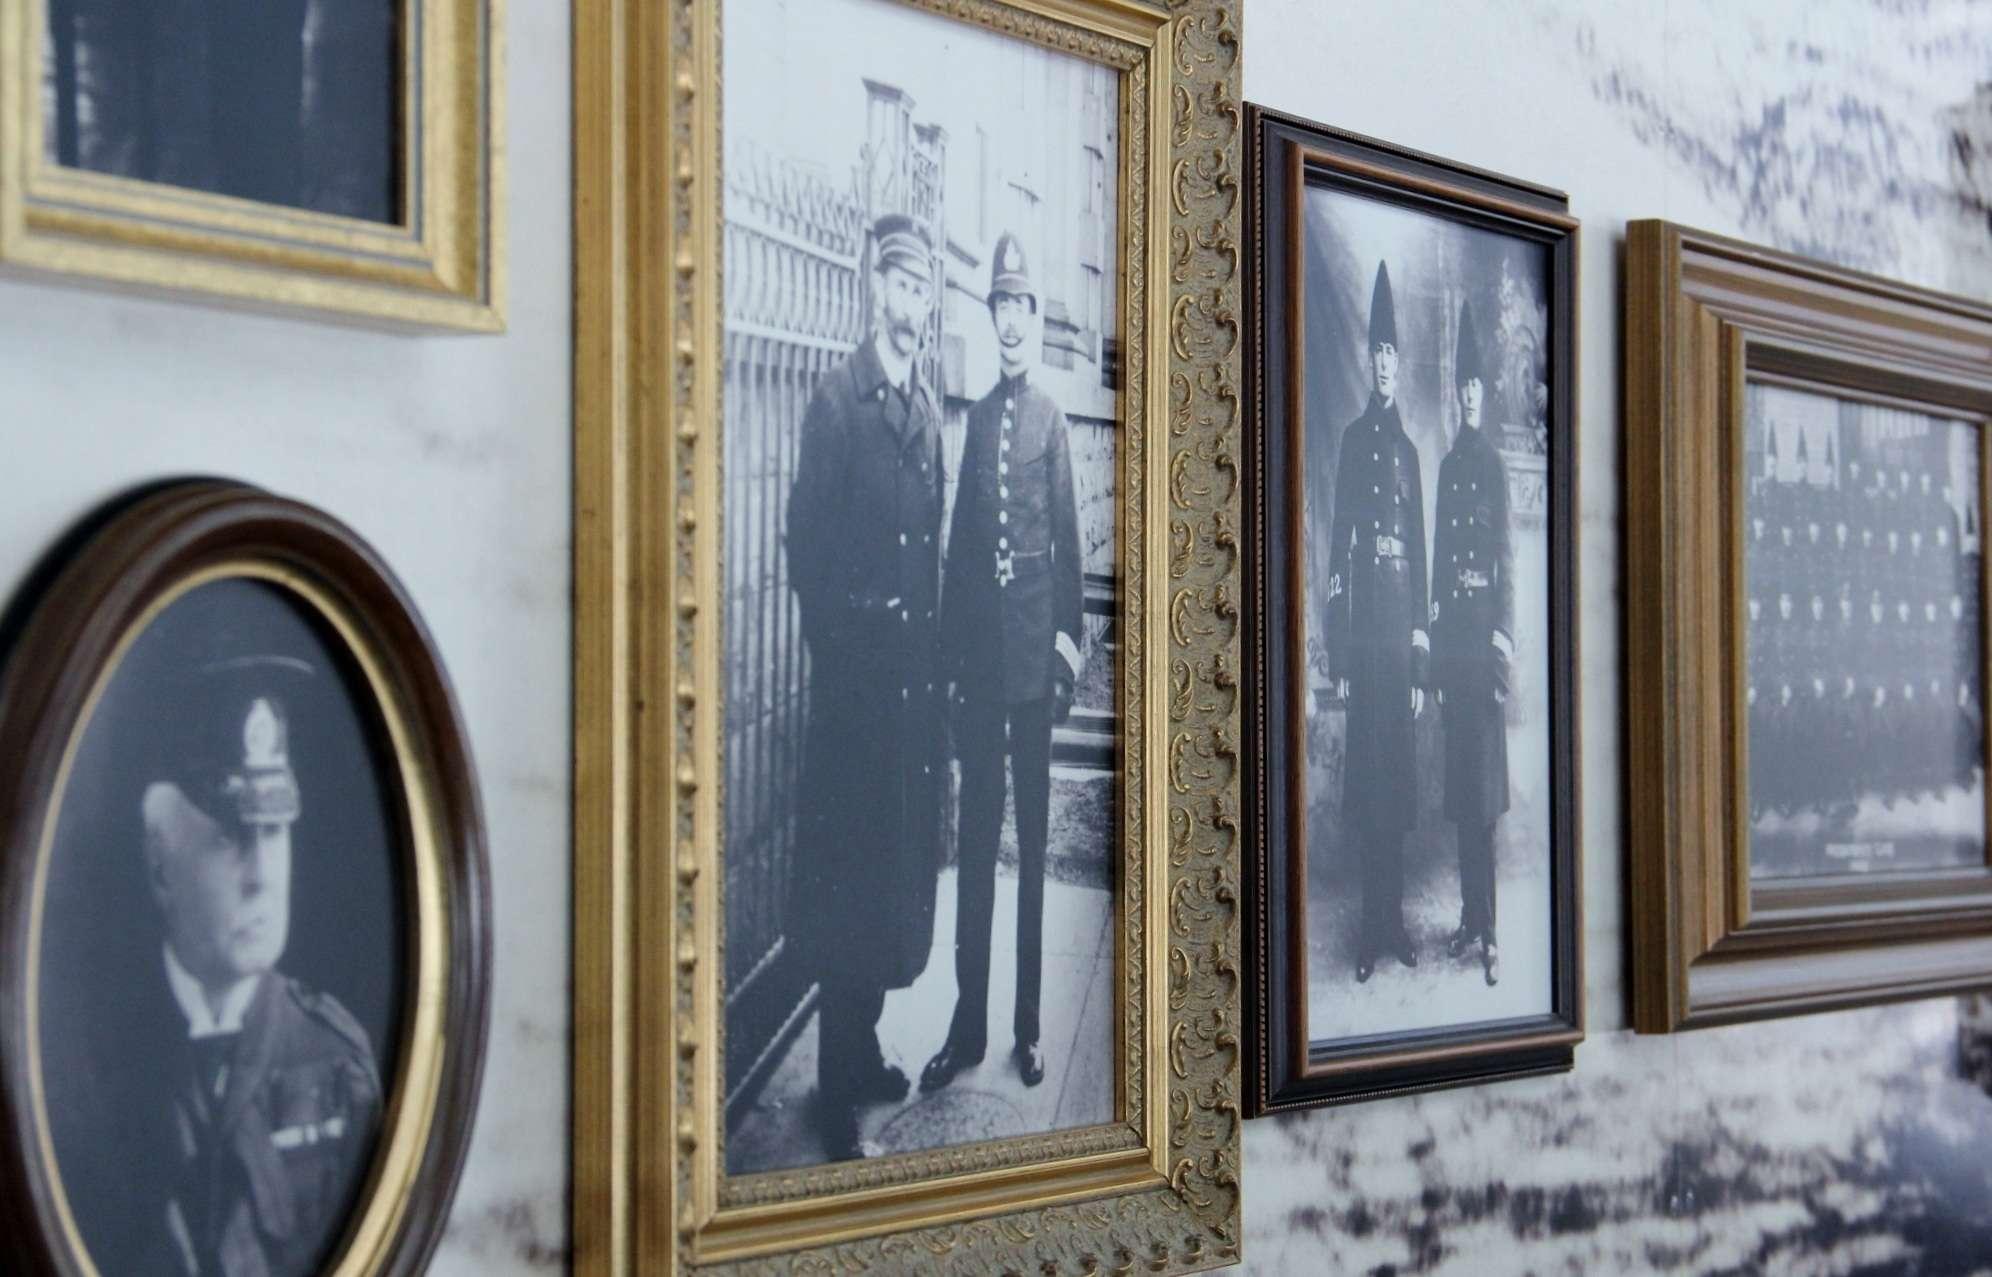 Mona Lisa Framing: Preserving Memories